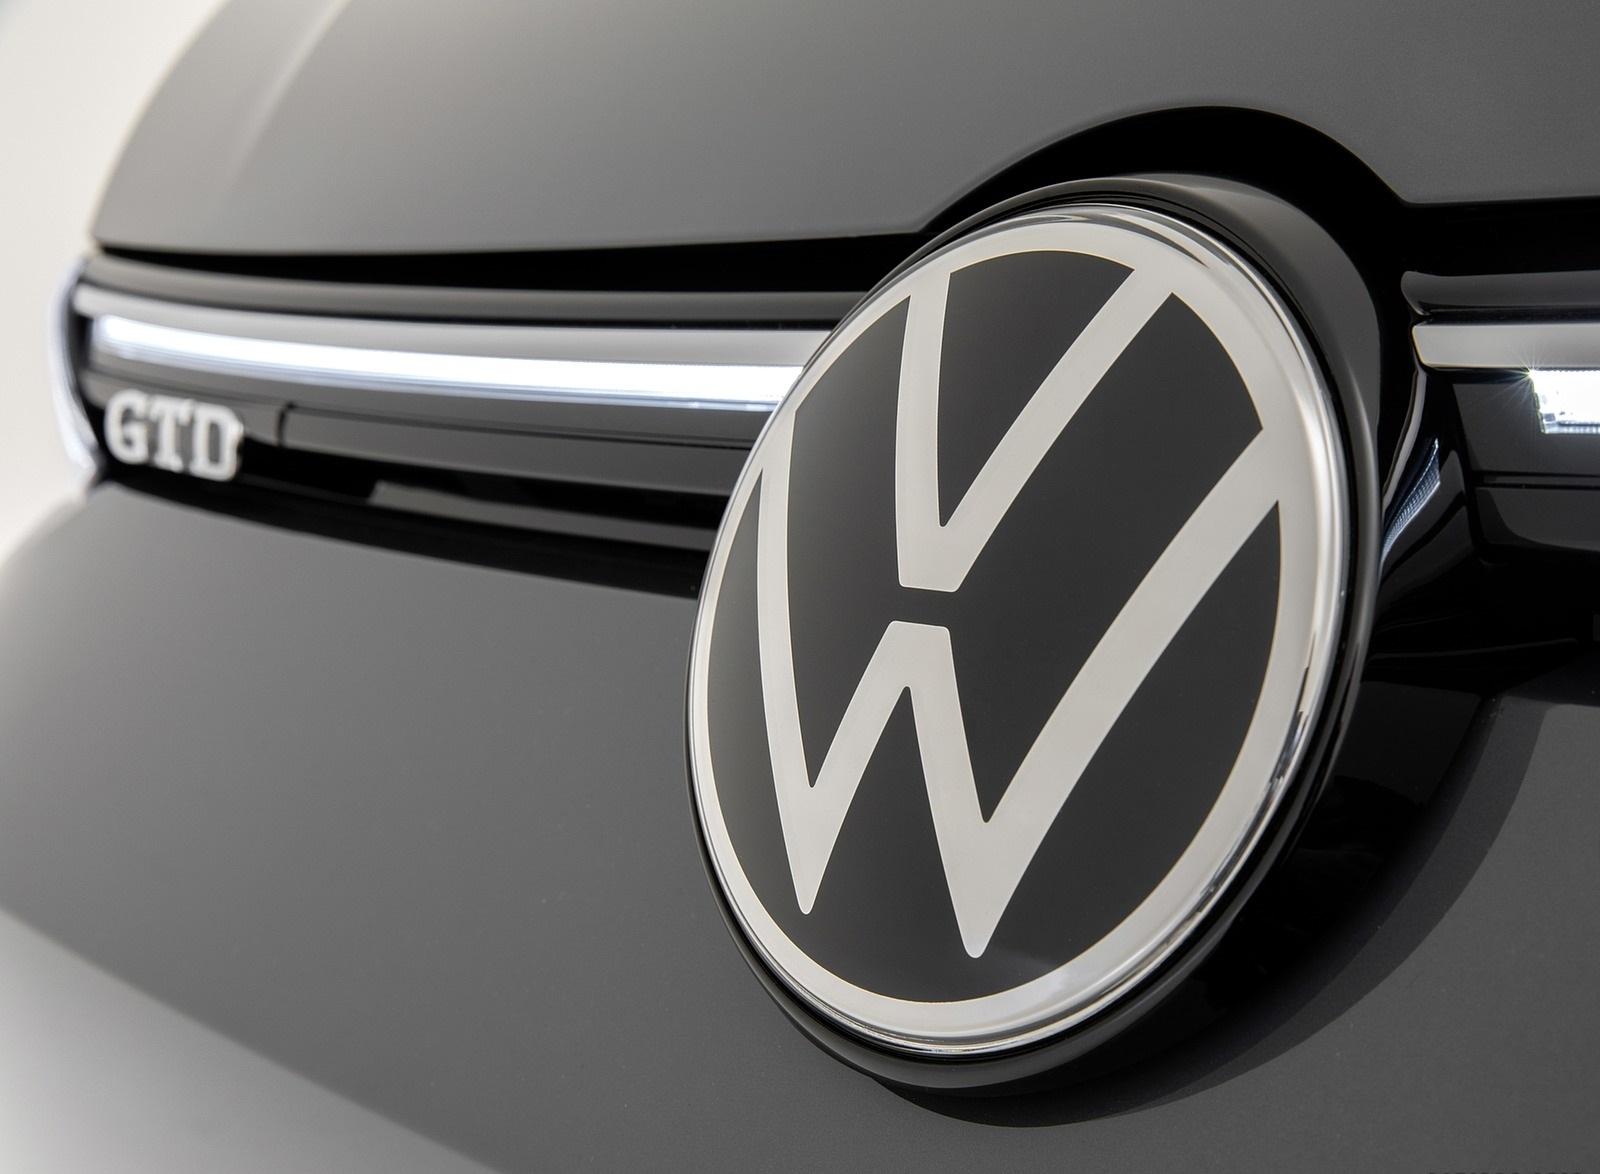 2021 Volkswagen Golf GTD Grill Wallpapers (7)